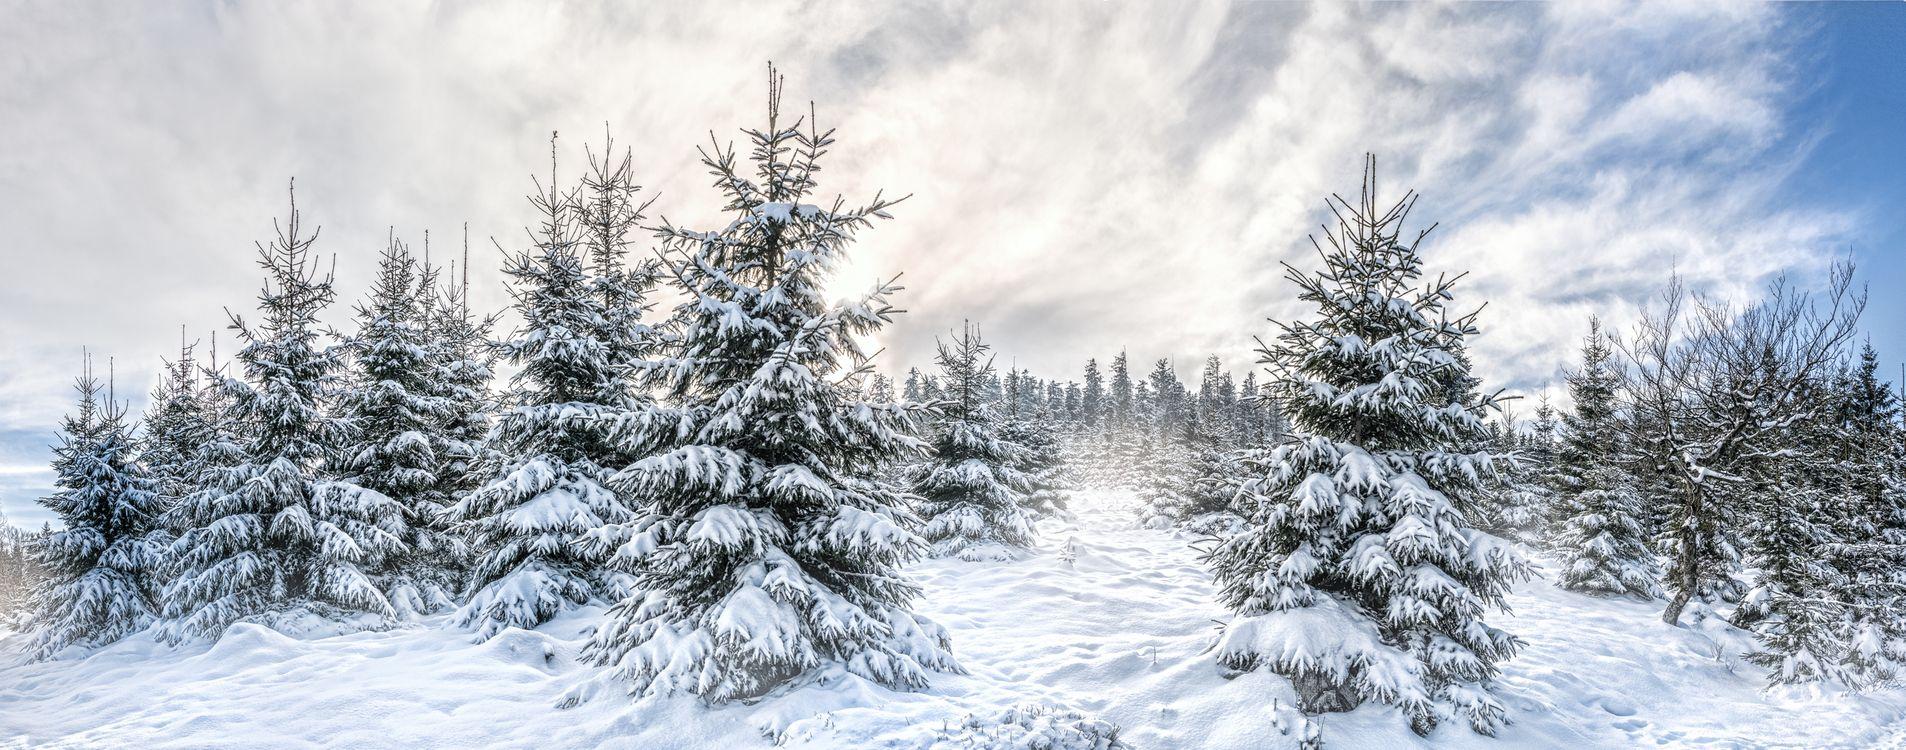 Фото бесплатно зима, ёлки, ели, деревья, снег, сугробы, пейзаж, панорама, пейзажи - скачать на рабочий стол